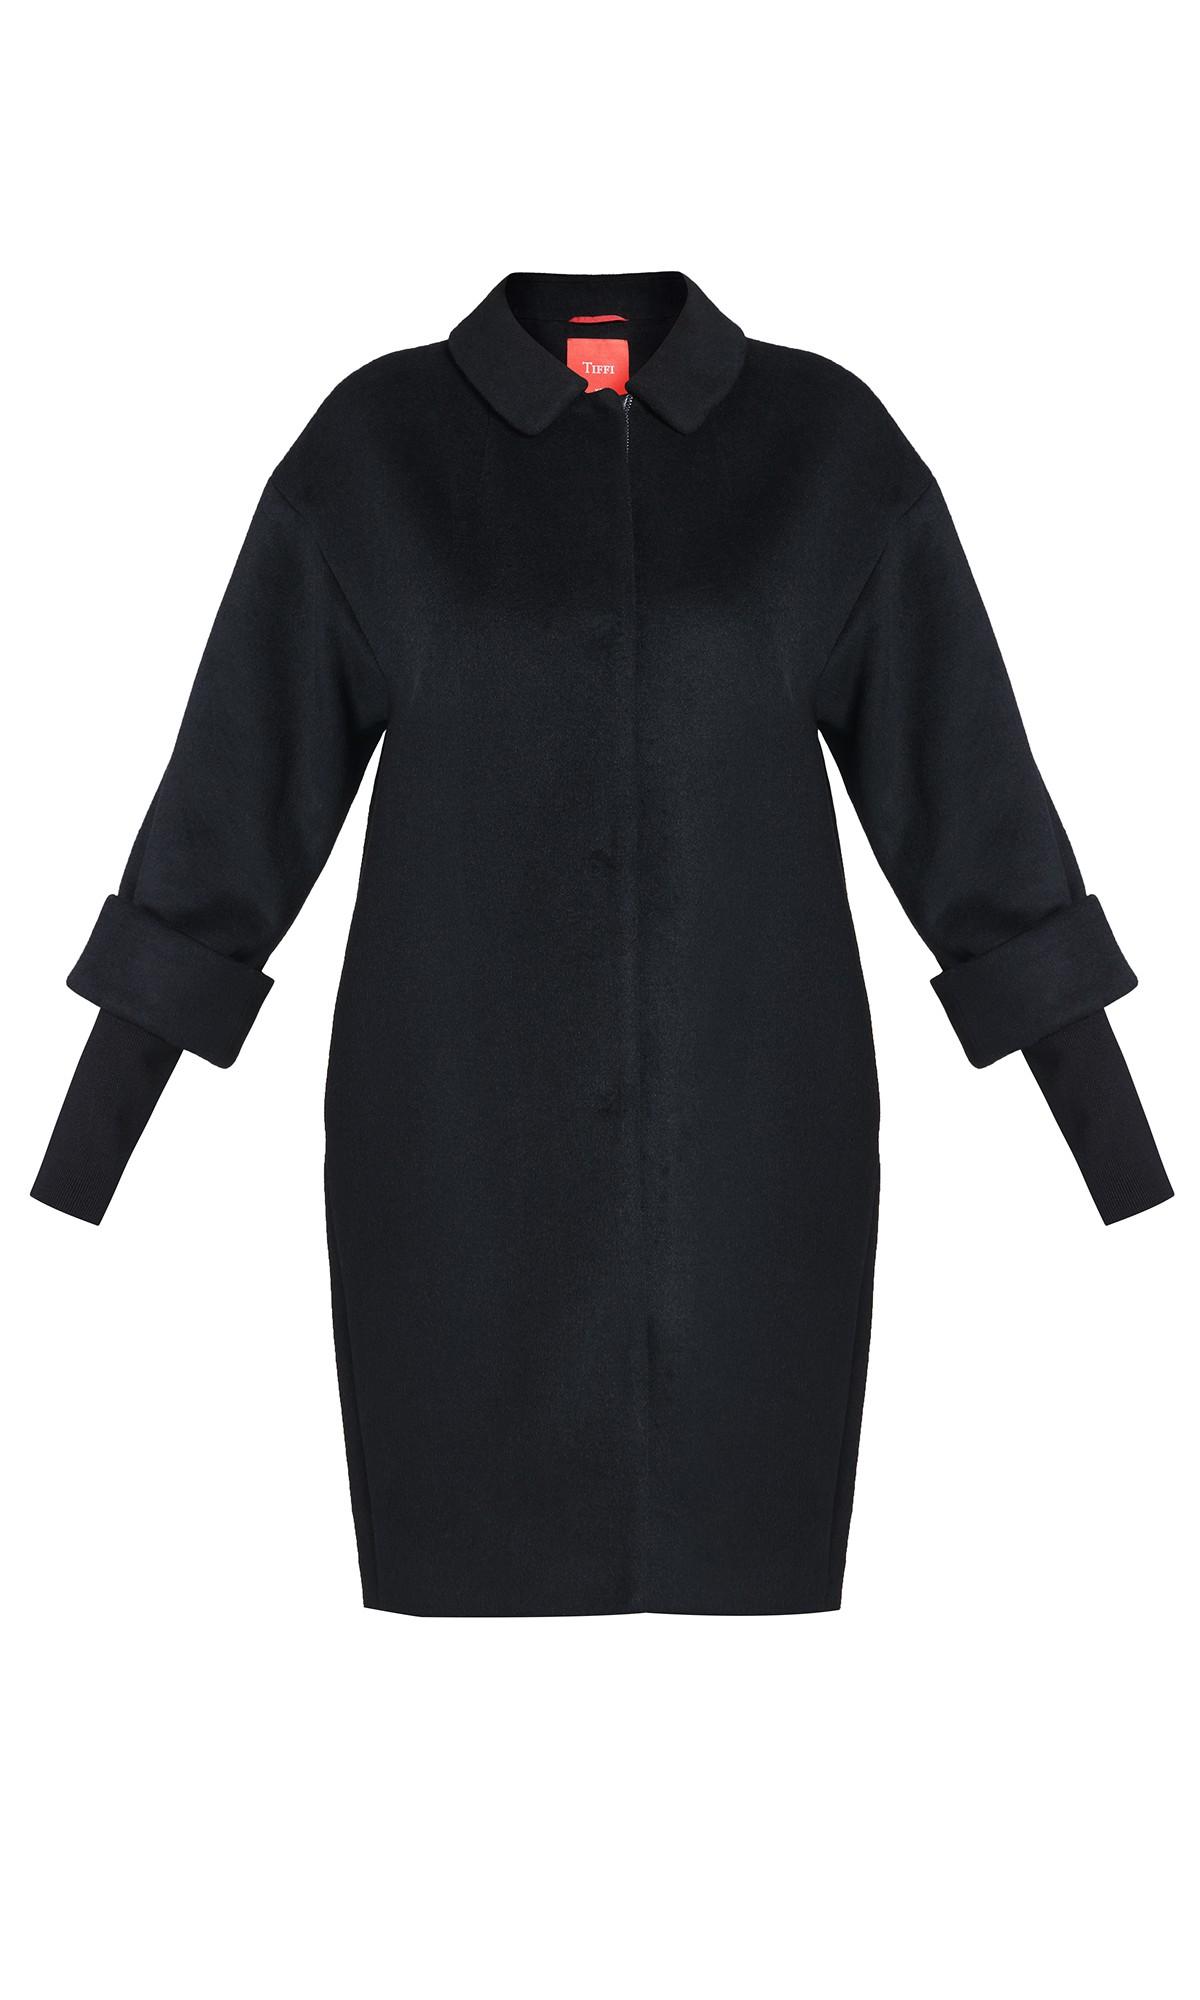 płaszcz Tiffi z kaszmirem i wełną, w kolorze czarnym, dzianinowe rękawy